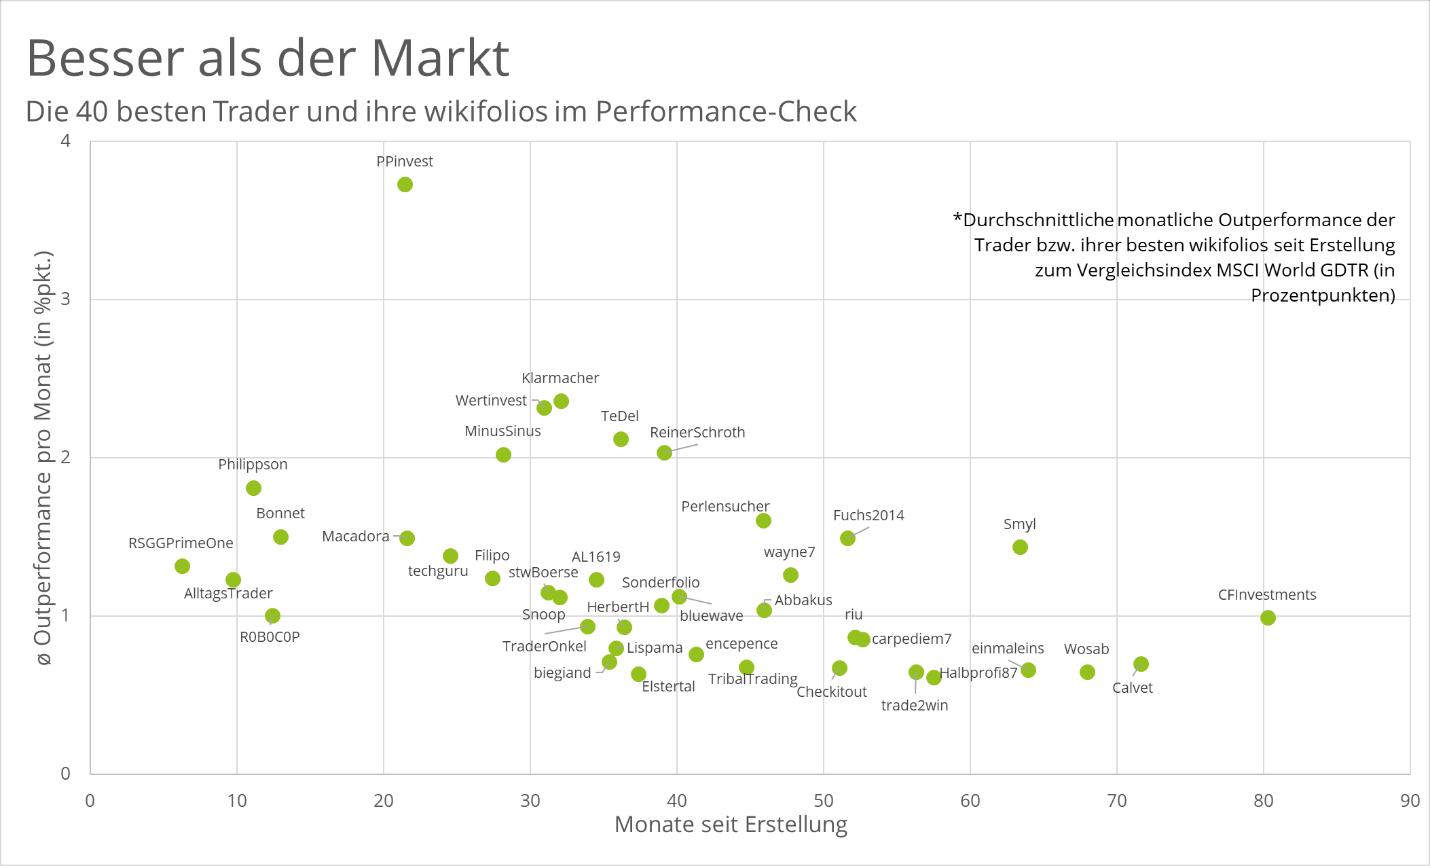 Grafik über wikifolios mti der besten durschnittlichen Performance